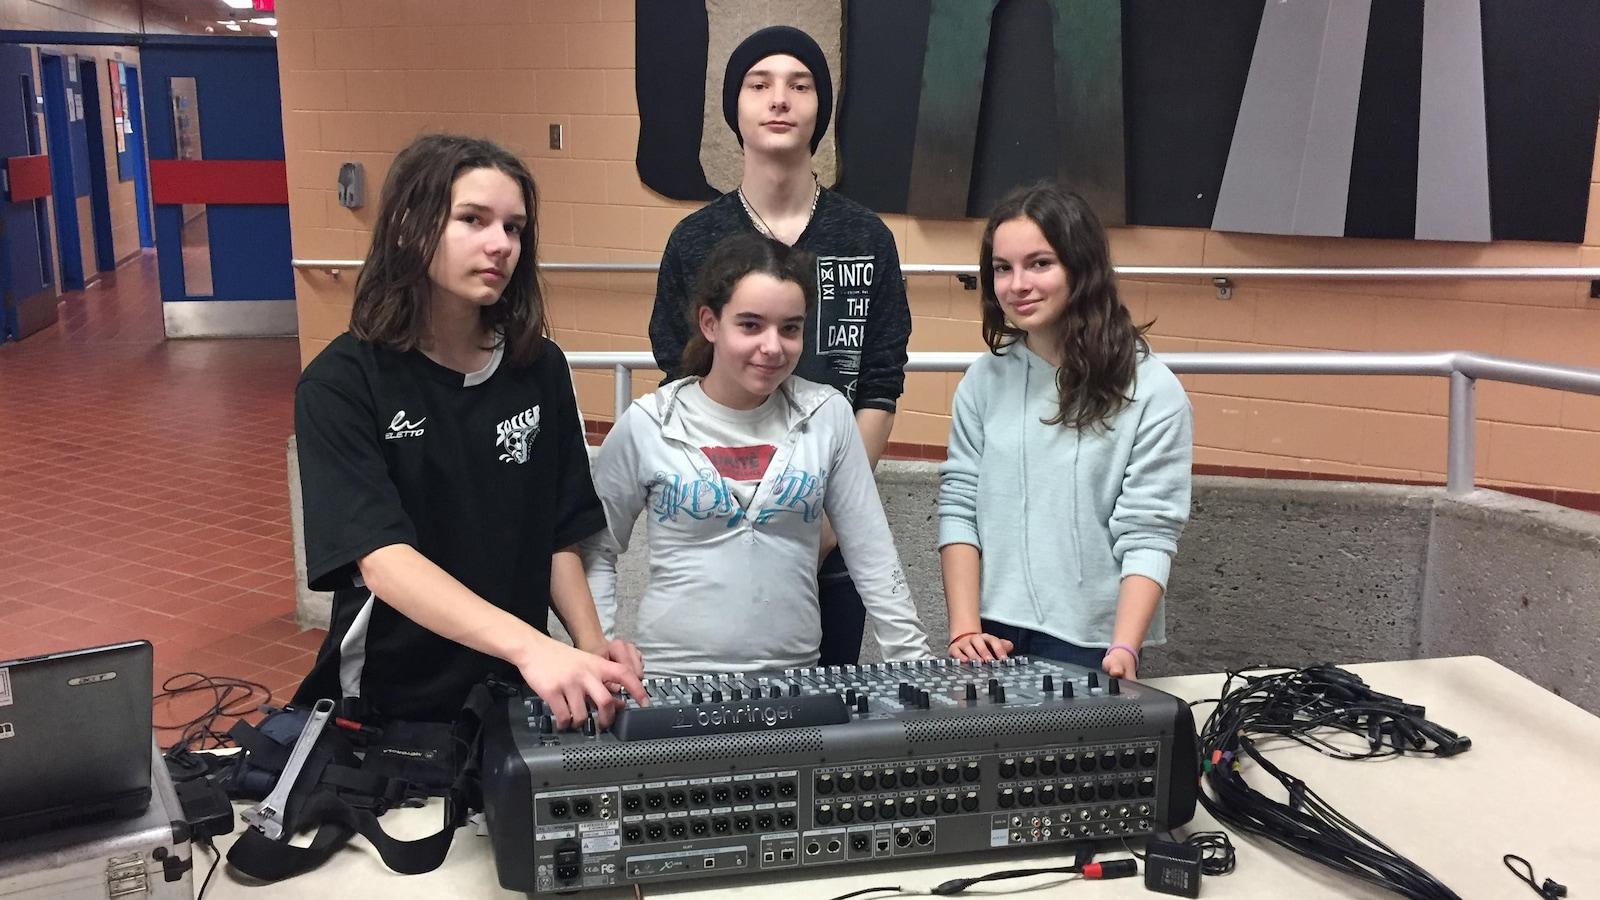 L'entreprise Multimédia Matawinie, fondée par des élèves de l'école secondaire des Chutes à Rawdon, offre notamment des services de sonorisation.